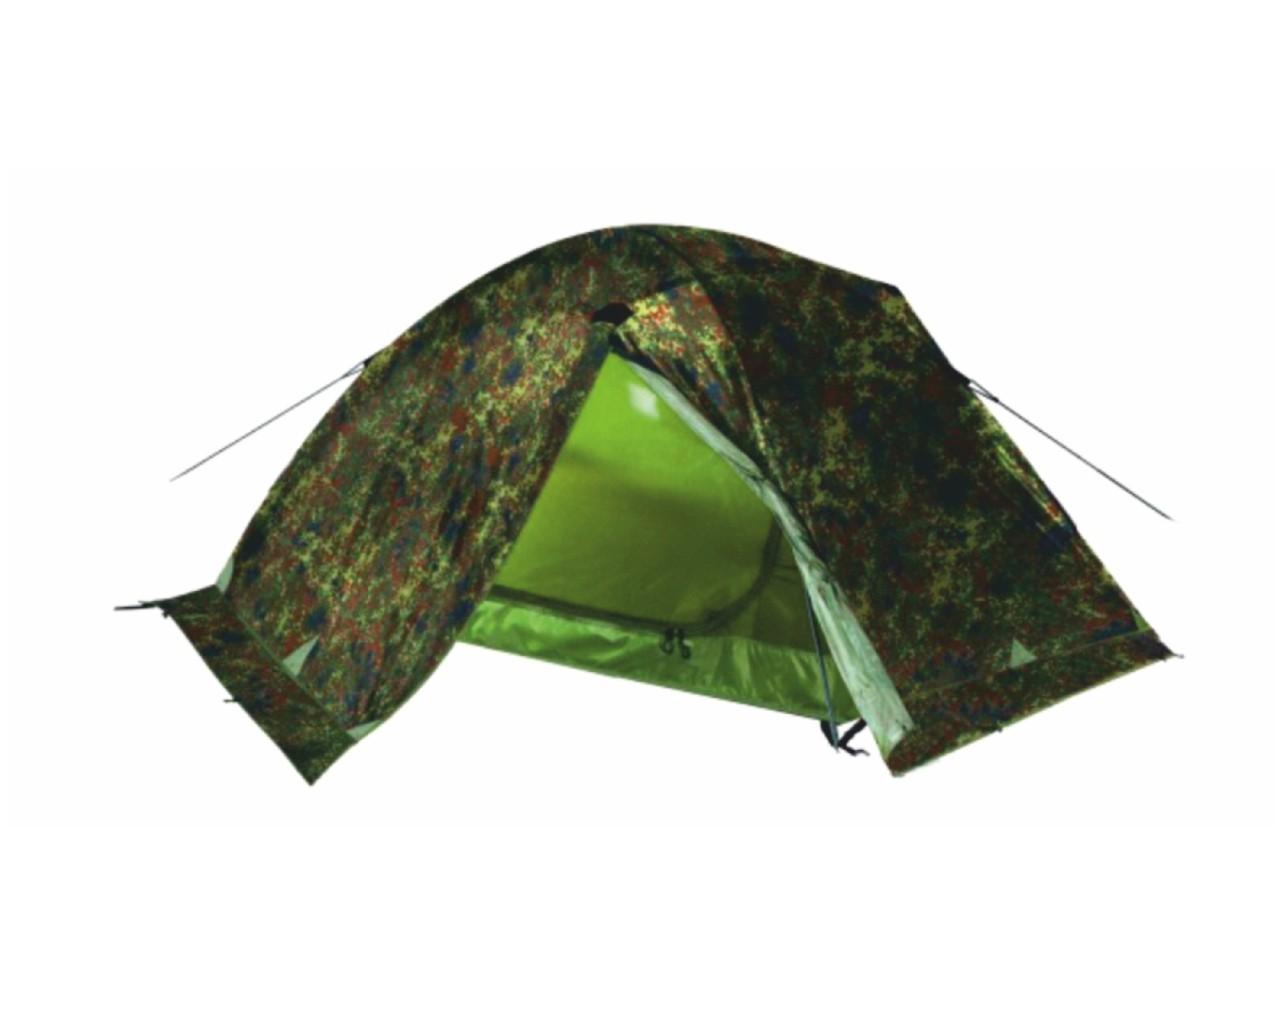 Палатка Talberg Forest Pro 3Двухслойная палатка камуфляжного цвета с алюминиевыми дугами. Тент: Polyester RipStop 190T/80D 5000  мм. Дно: Polyester 195T/80D  7000 мм. Внутренняя палатка: дышащий Polyester. Юбка: Polyester. Дуги: Alu7001 8,5 мм. Количество входов: 2. Количество мест: 3. Вес: 3,5 кг. Размеры внутренней палатки: 180 x 210 x 105 см. Размеры габаритные: 320 x 215 x 100 см. Сезонность: весна-лето-осень-зима<br><br>Вес кг: 3.50000000